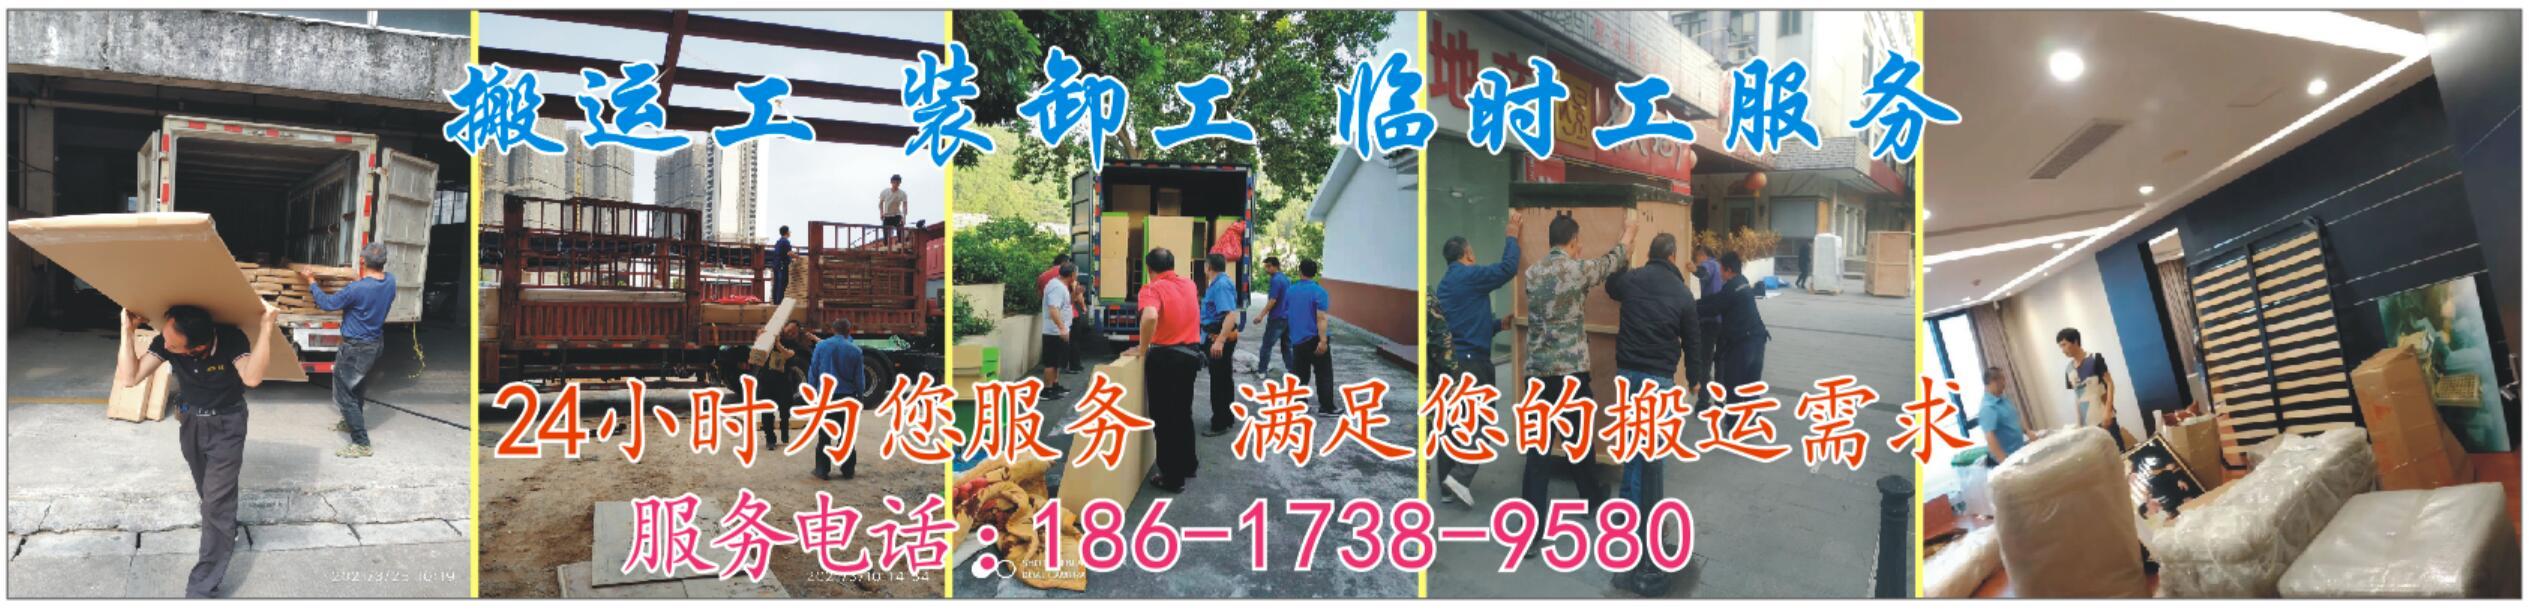 专业提供广州装卸货搬运,临时搬运工服务,24小时服务